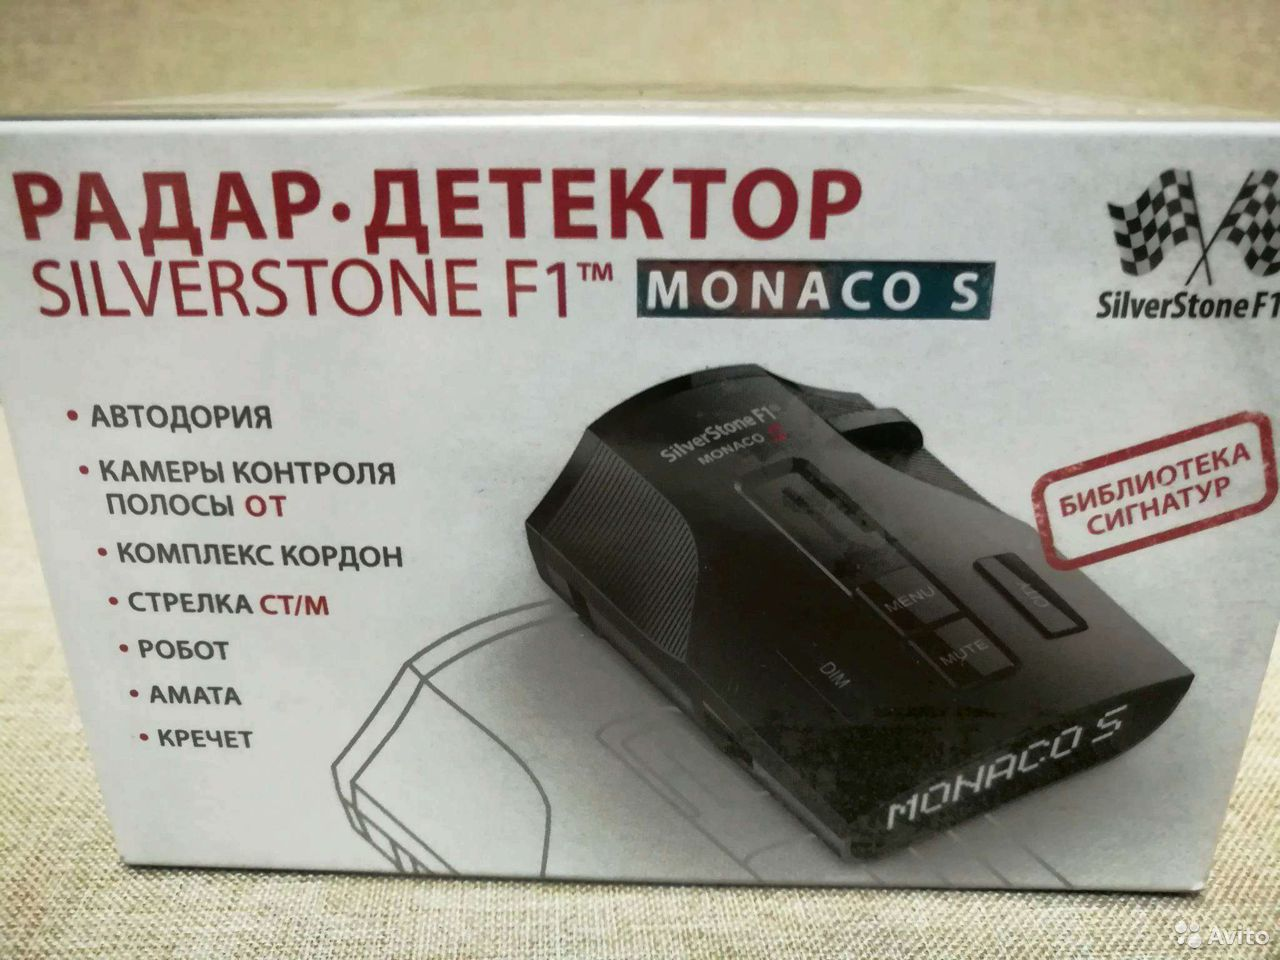 Радар - детектор Silverstone F1 Monaco S  89102321154 купить 1